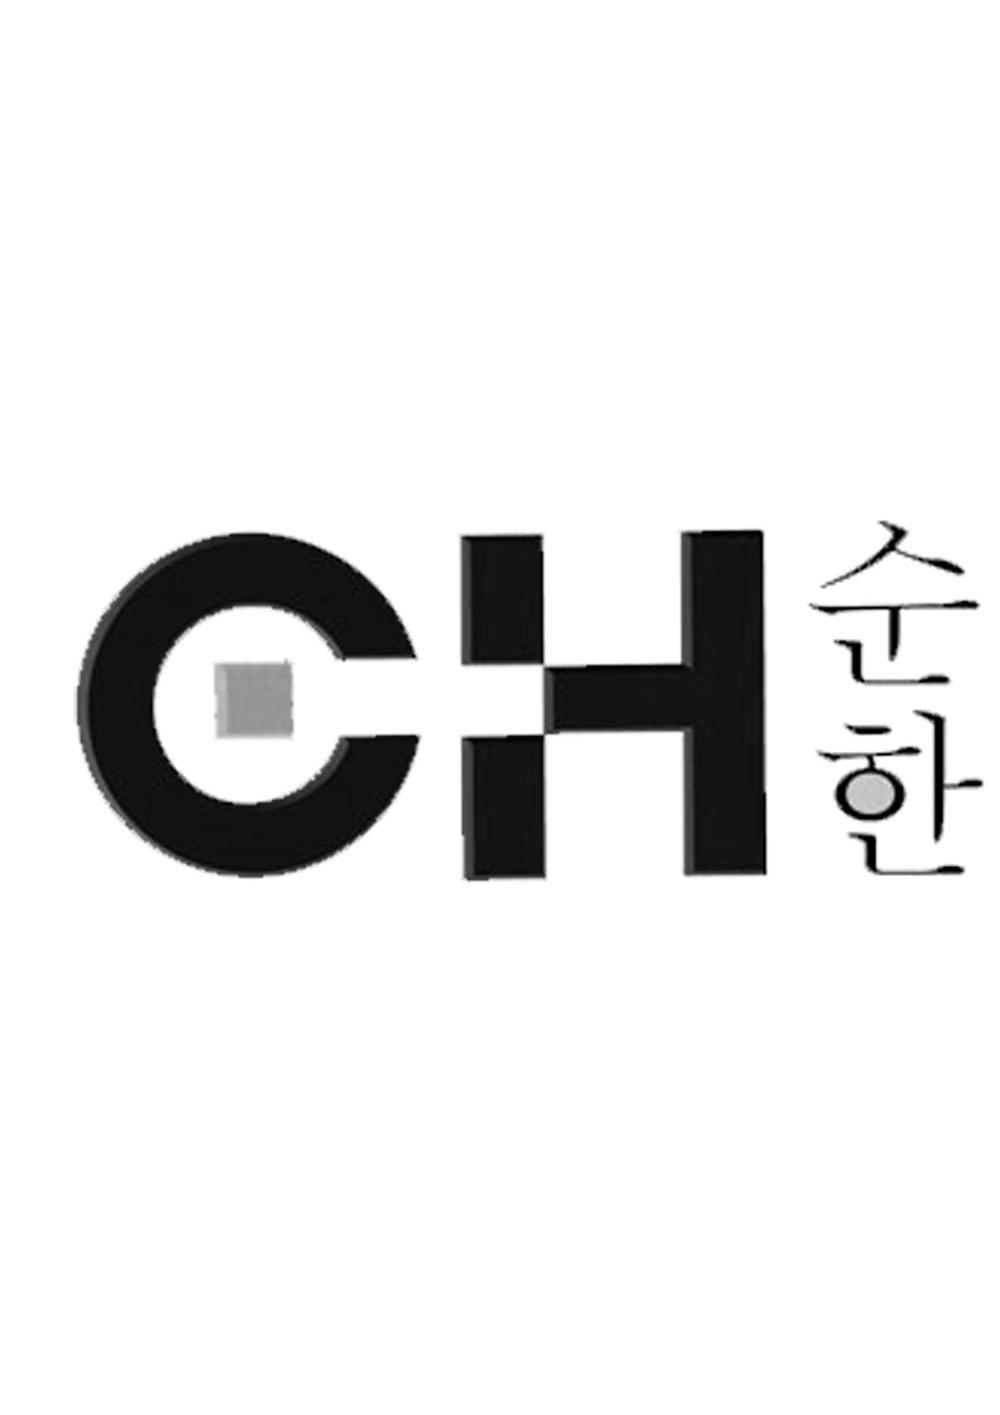 logo设计素材红豆杉